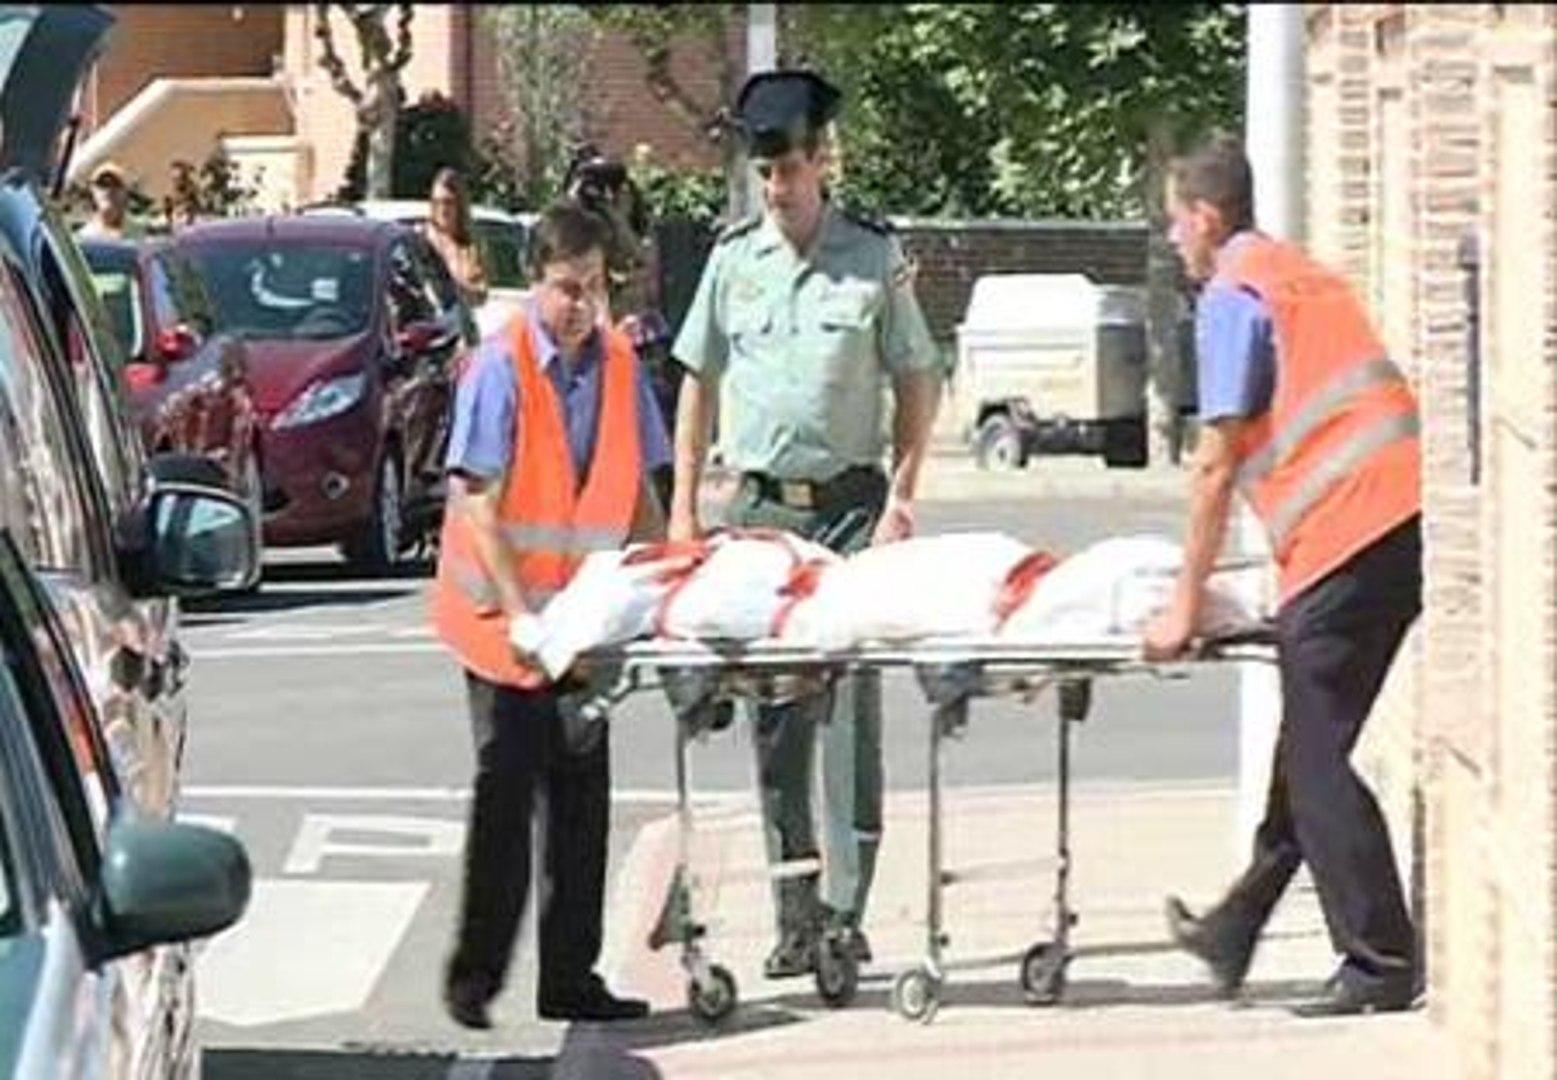 Detenida una monitora por tres muertes en un centro de menores en Valladolid